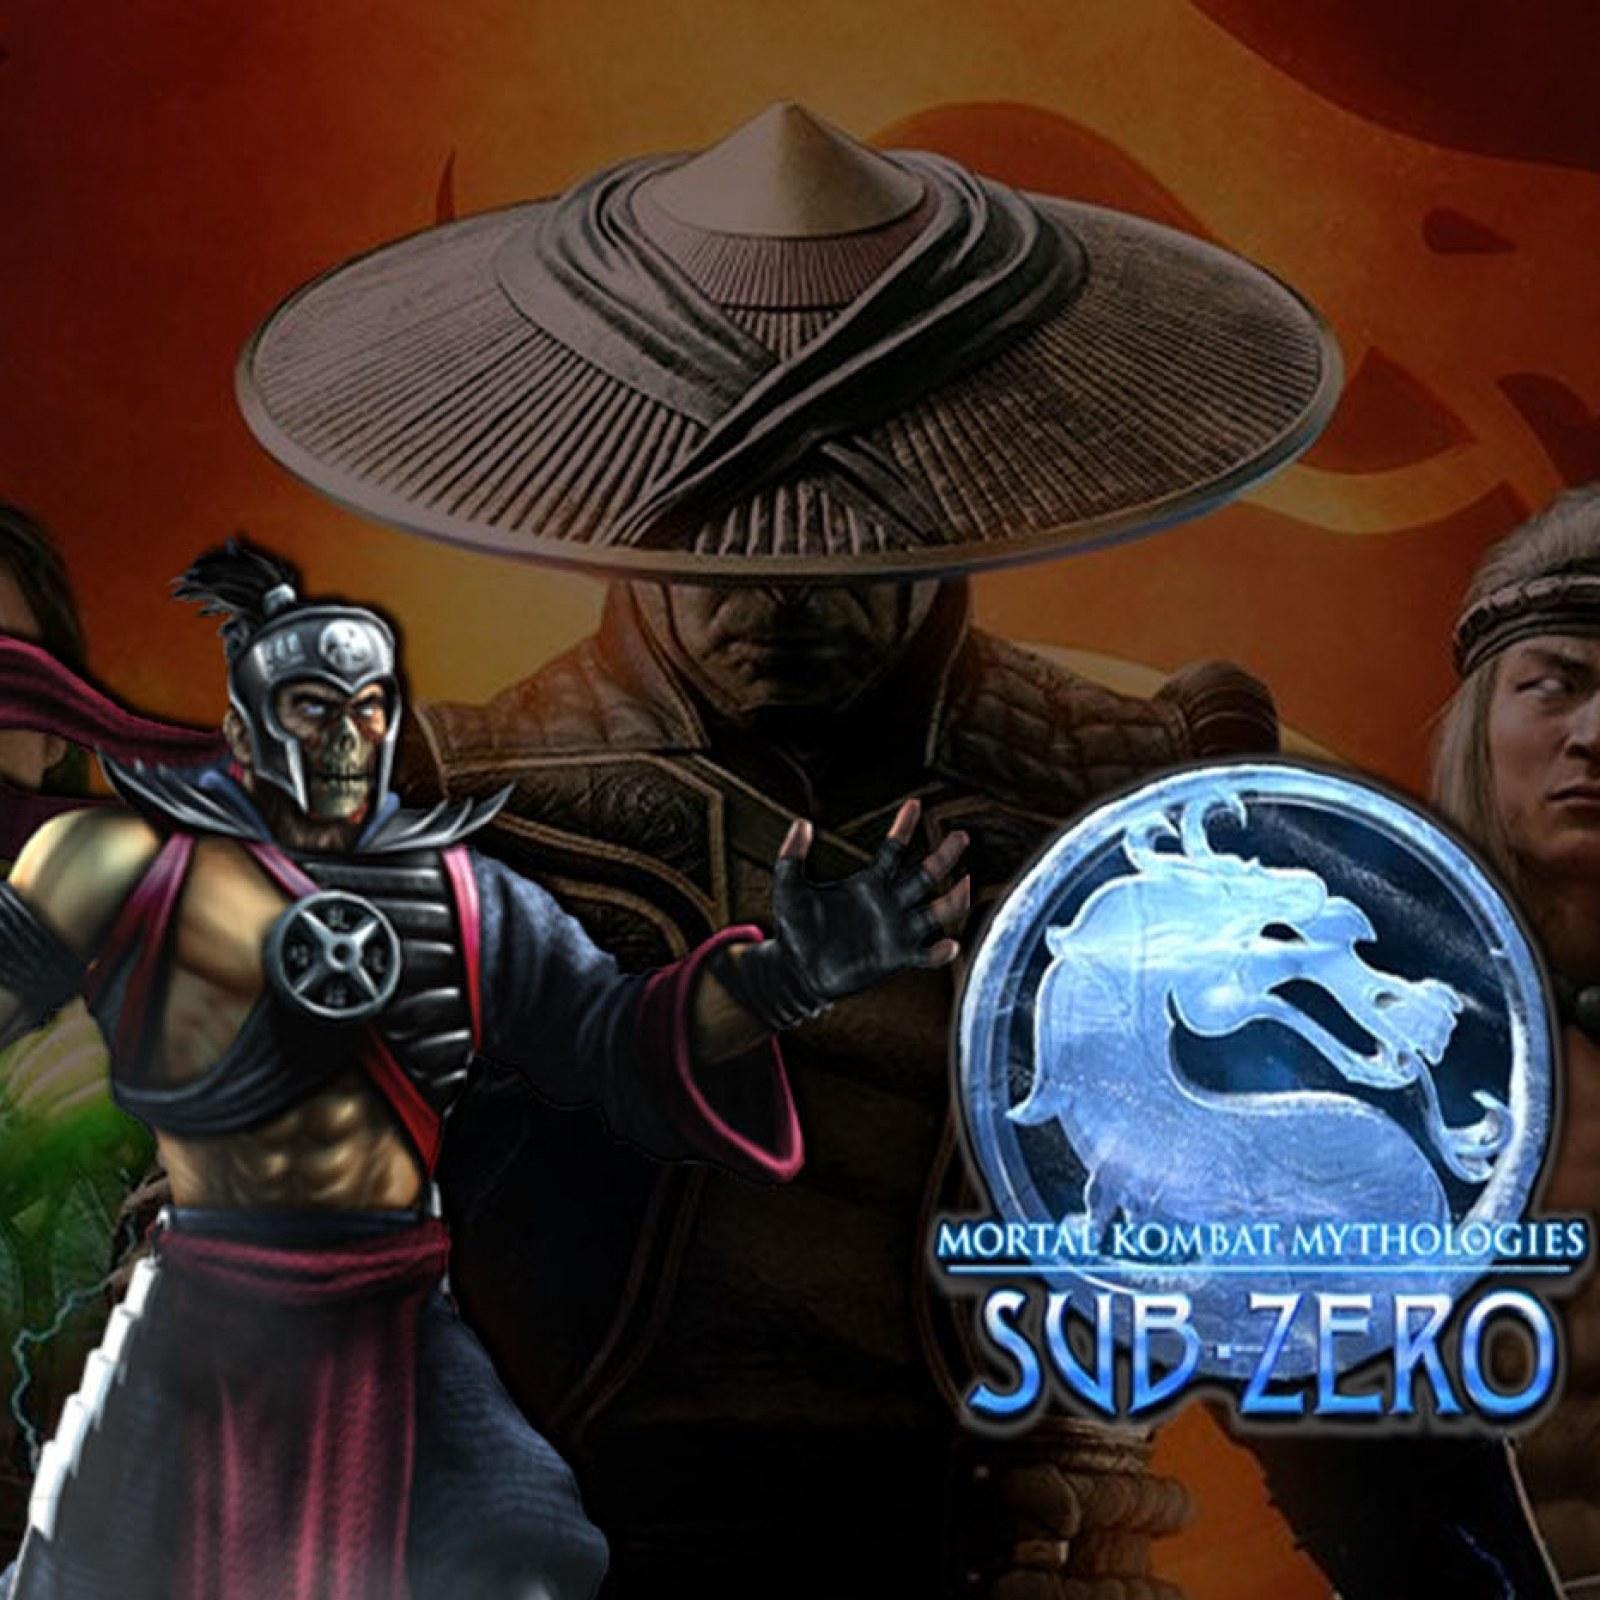 Mortal Kombat 11 Aftermath Easter Eggs Havik Mythologies Sub